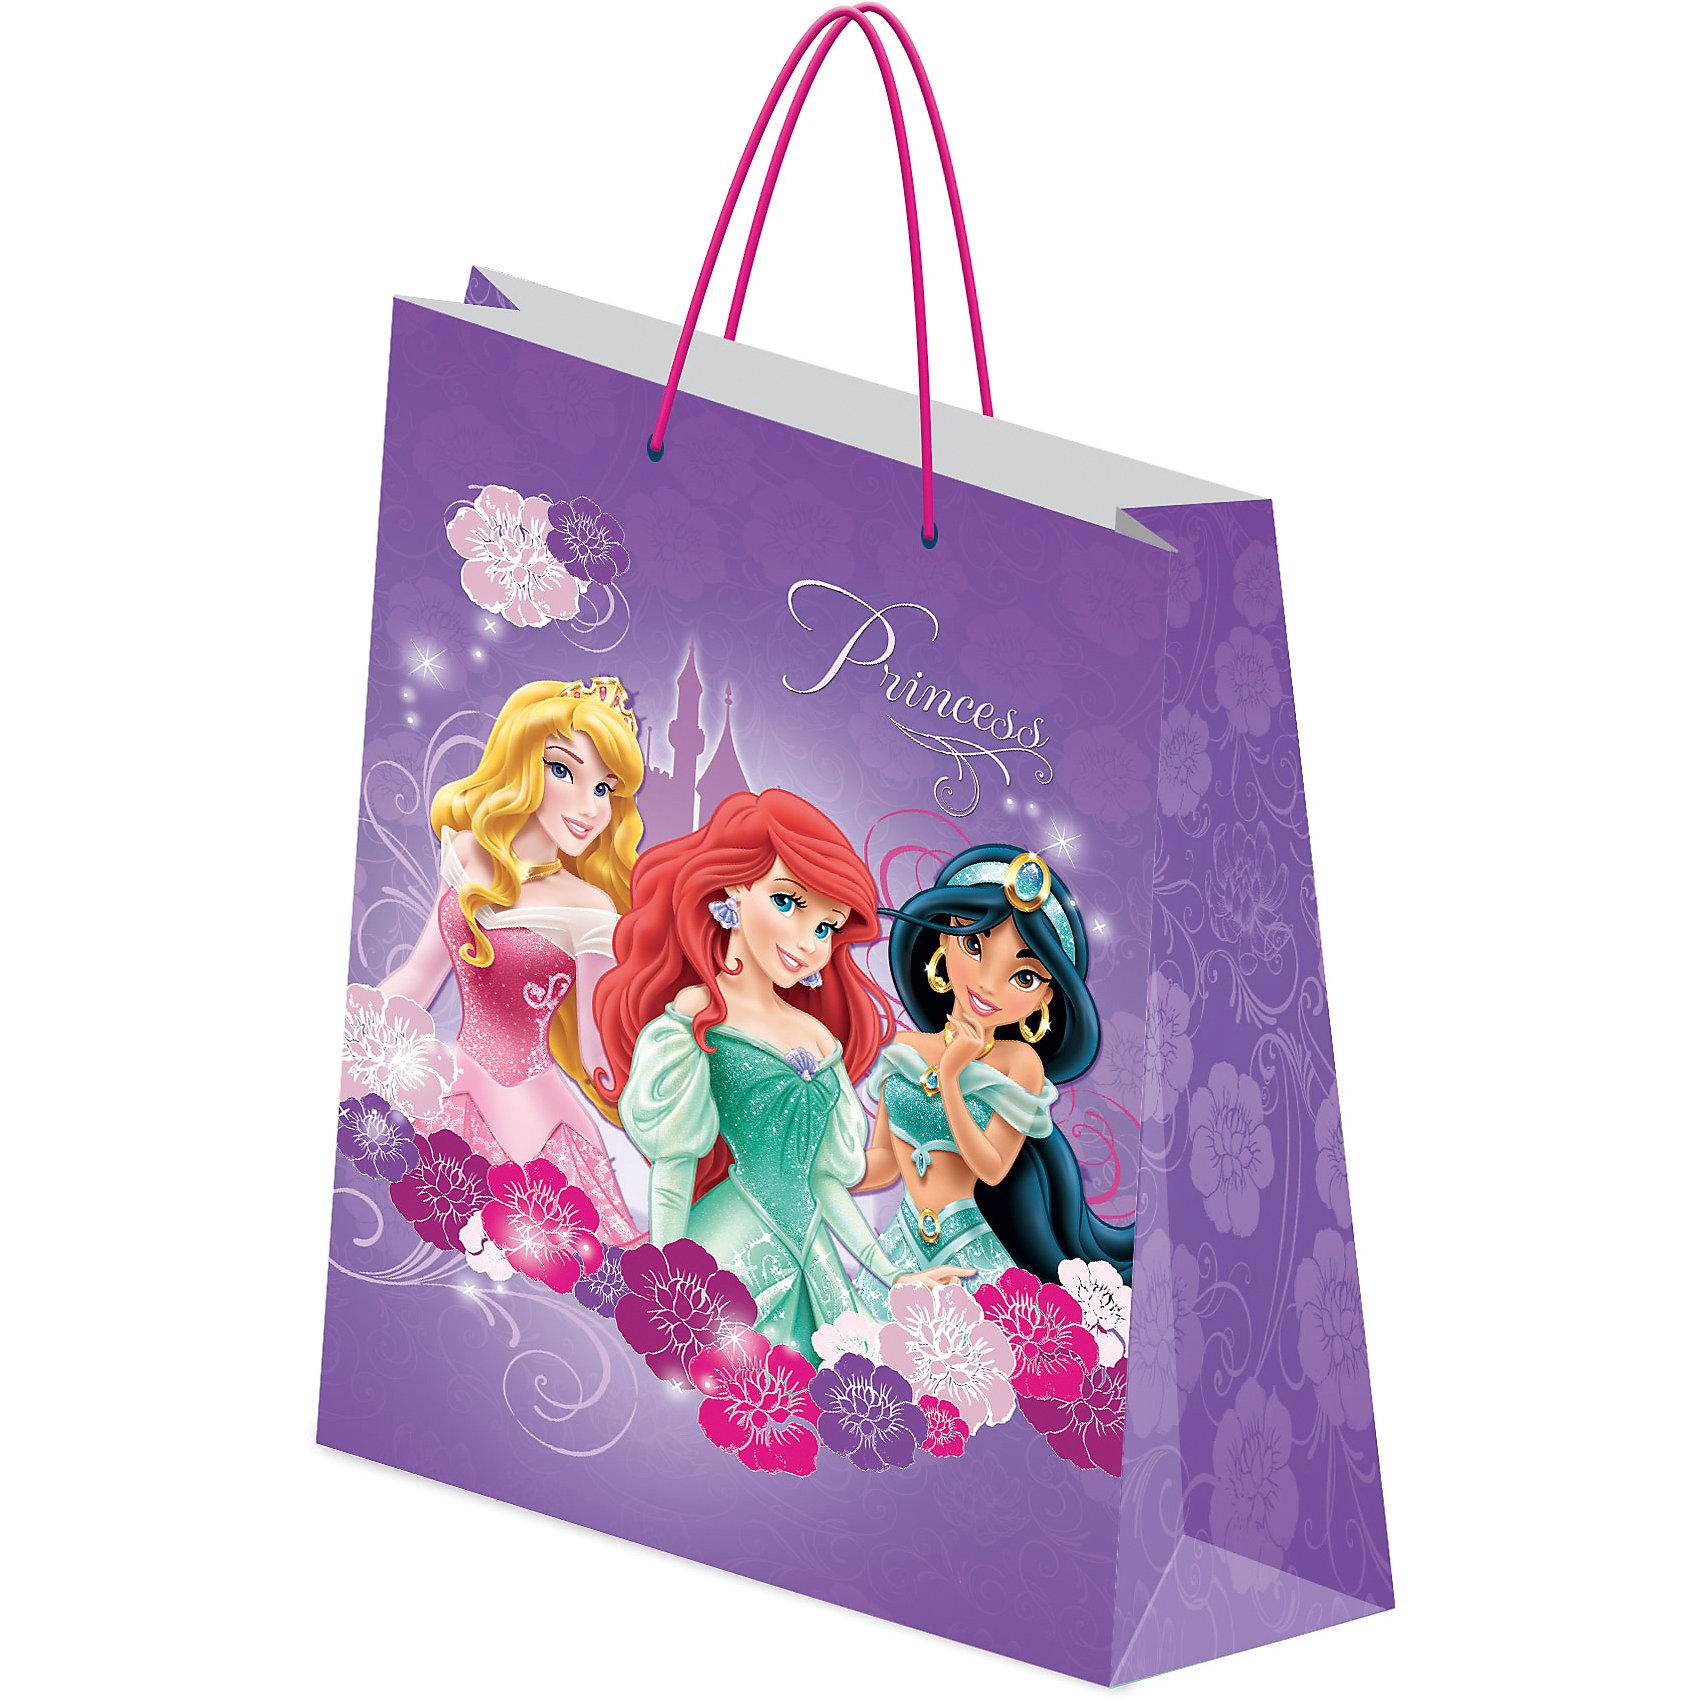 Академия групп Подарочный пакет Принцессы Дисней 33*43*10 см академия групп пакет бумажный подарочный 33 43 10 см